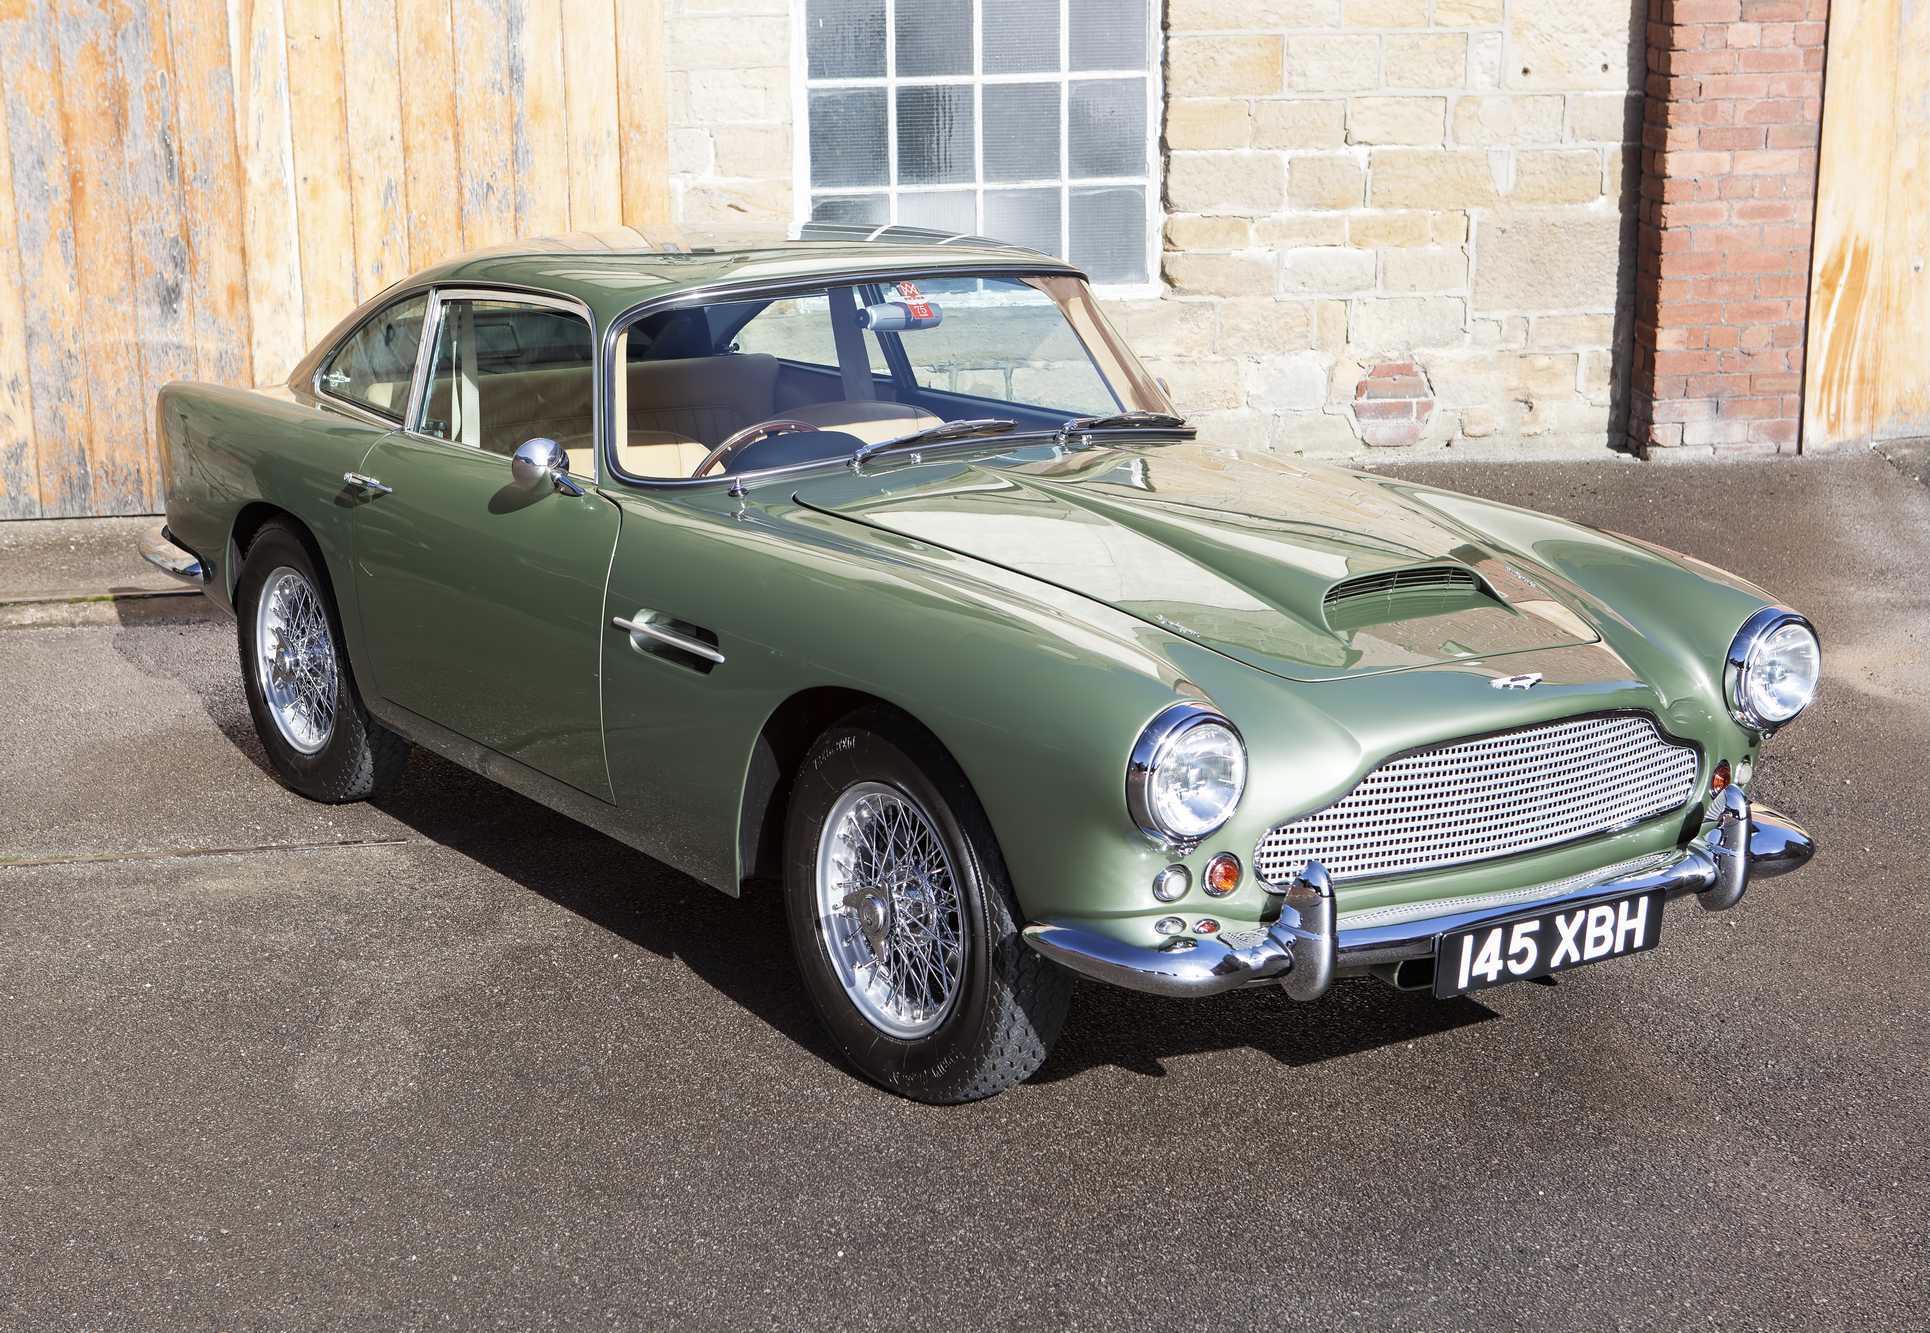 1961 Aston Martin Db4 Series Iii Saloon Adrian Johnson